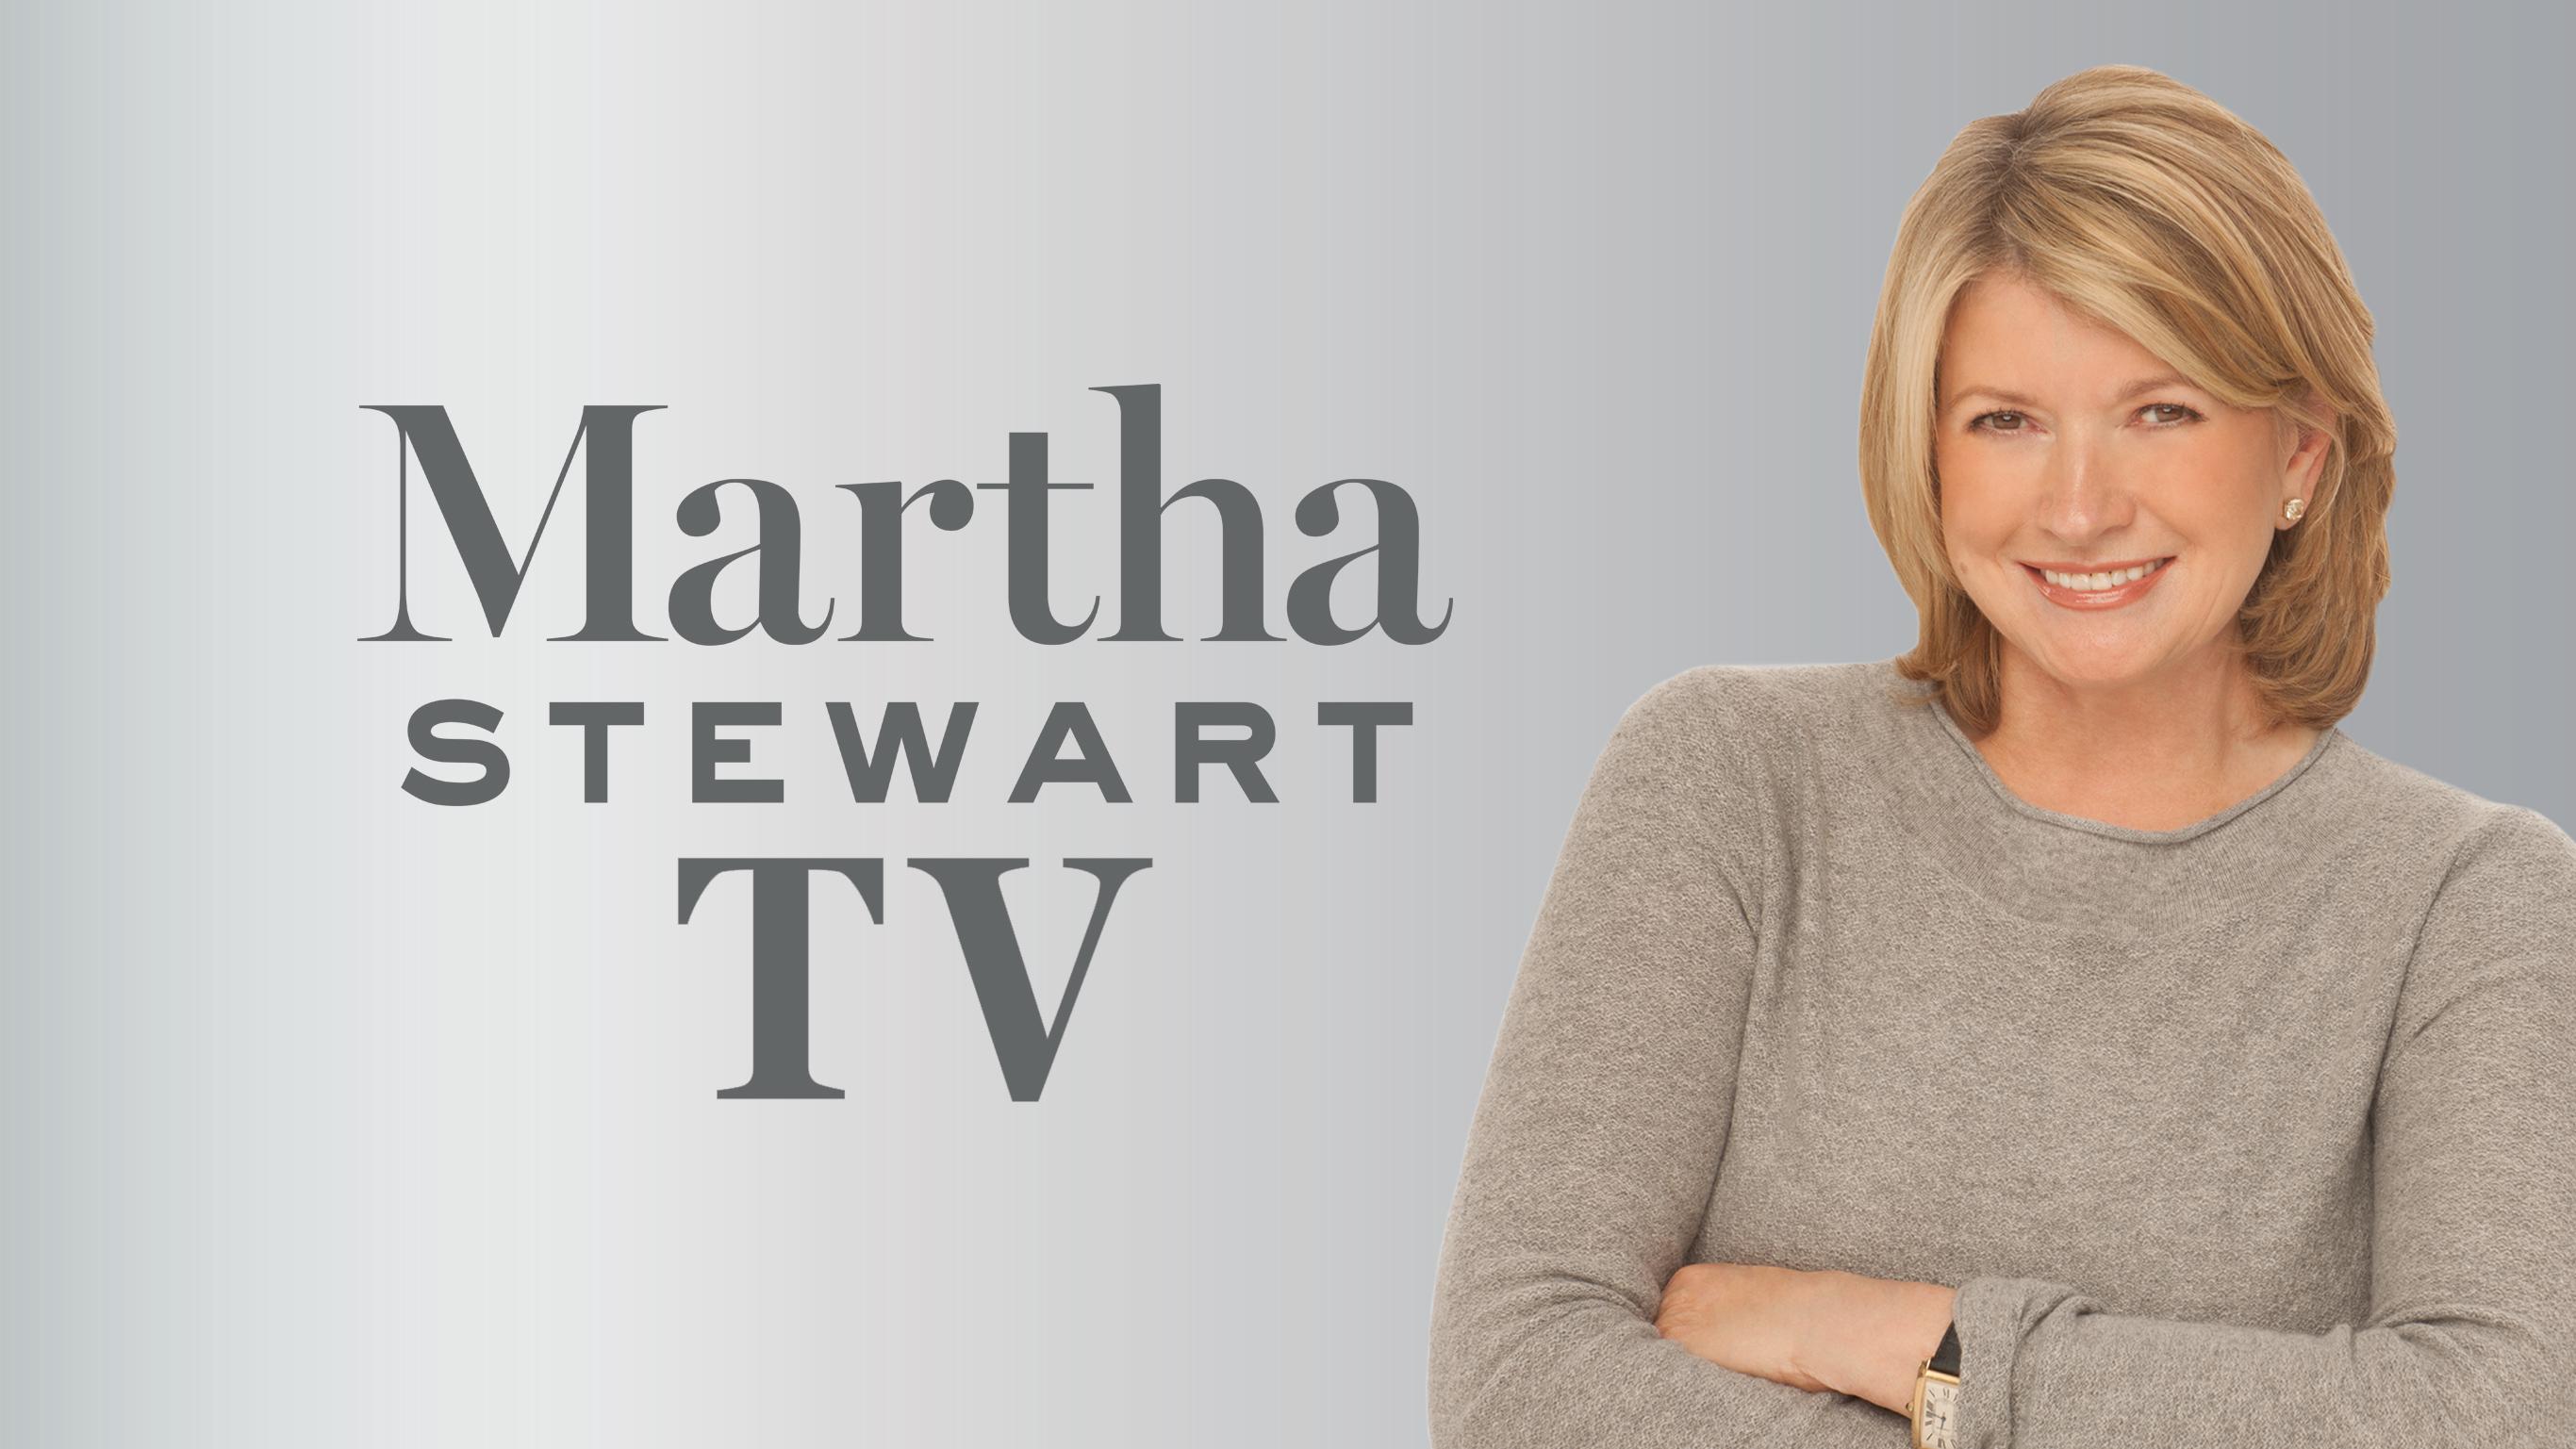 martha stewart online dating danas show